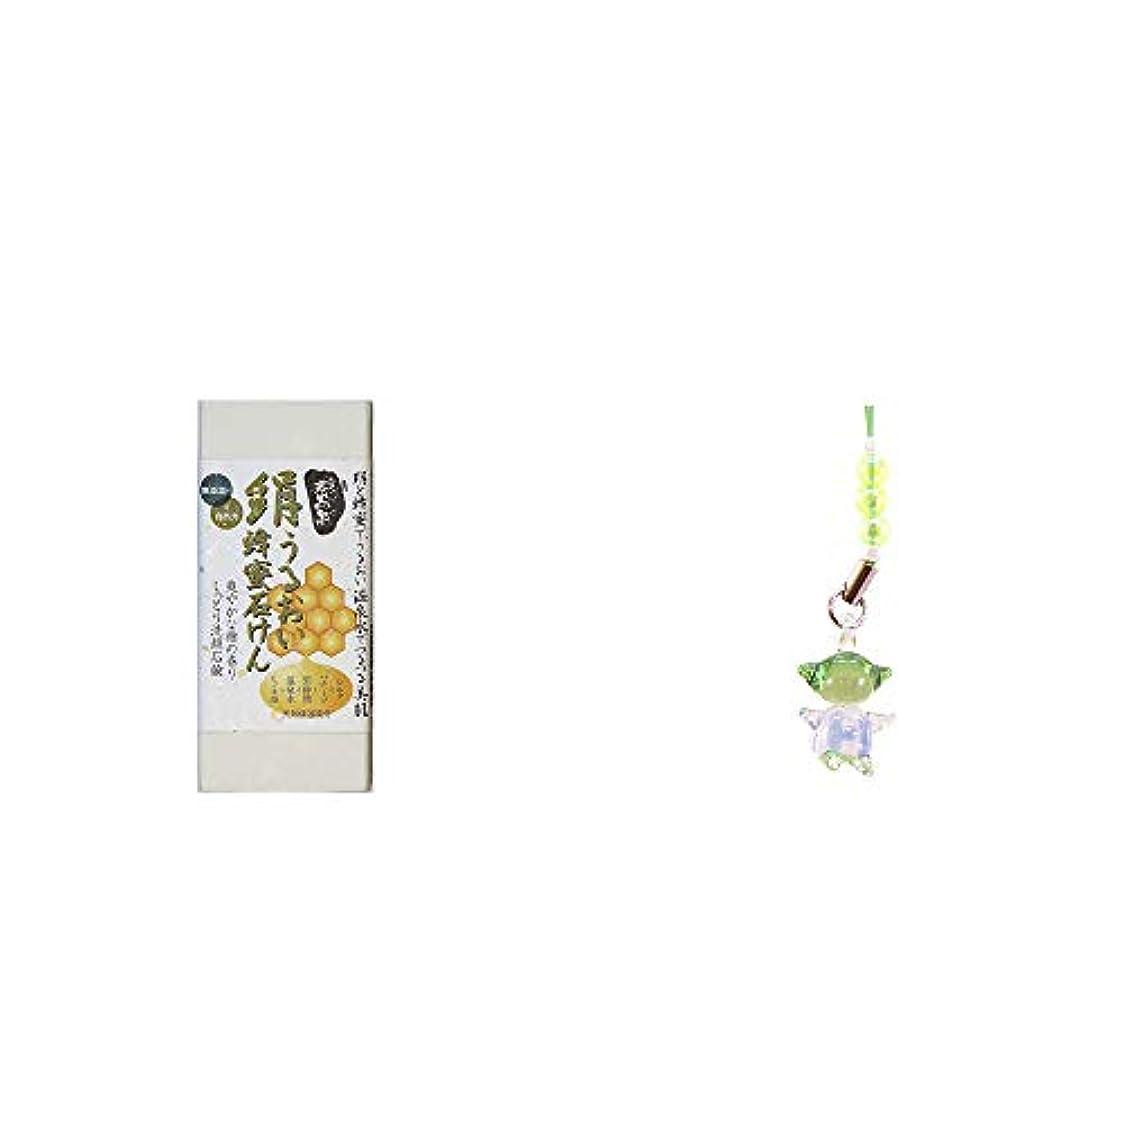 [2点セット] ひのき炭黒泉 絹うるおい蜂蜜石けん(75g×2)?ガラスのさるぼぼ 手作りキーホルダー 【緑】 /健康運?平穏?病気を寄付けない?健康祈願//